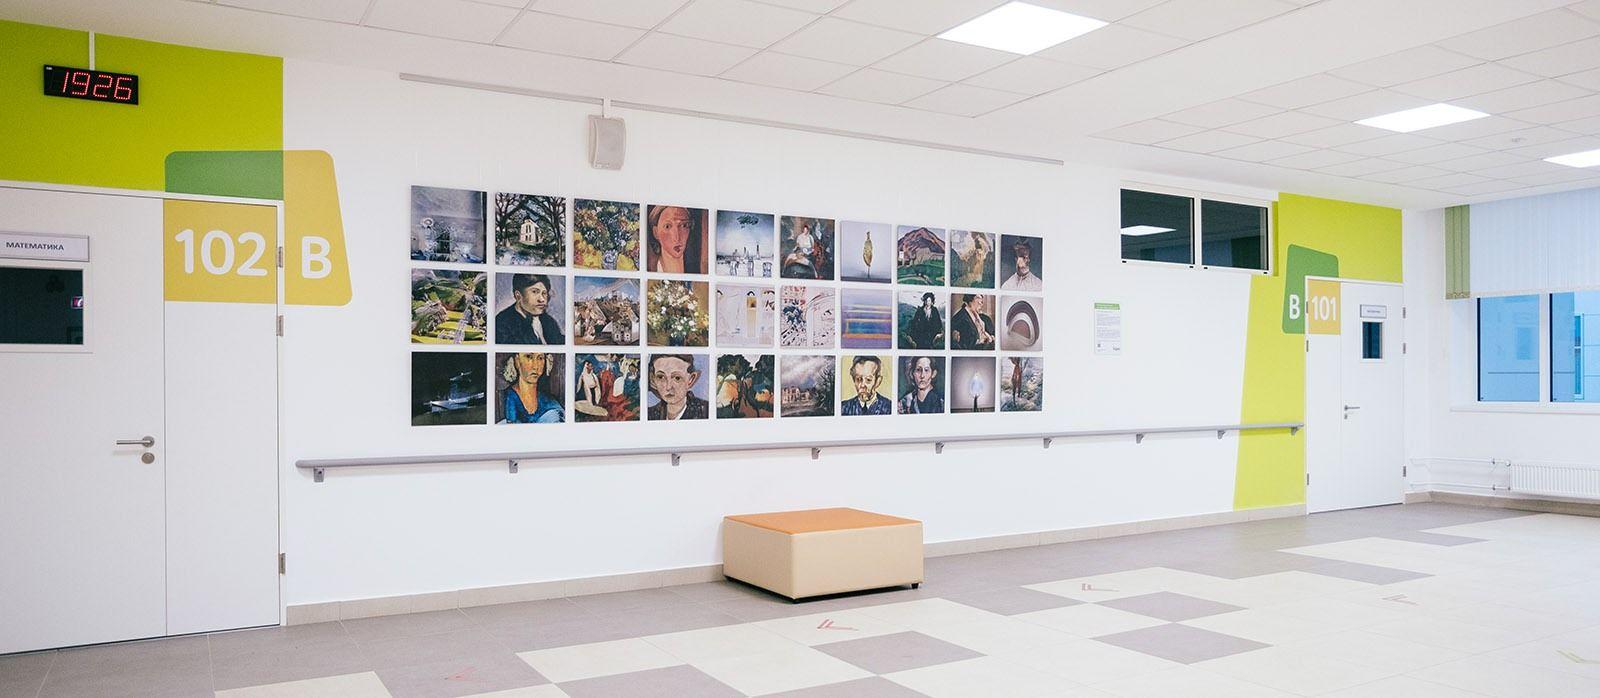 выставка картин, нарисованная нейросетью в школе